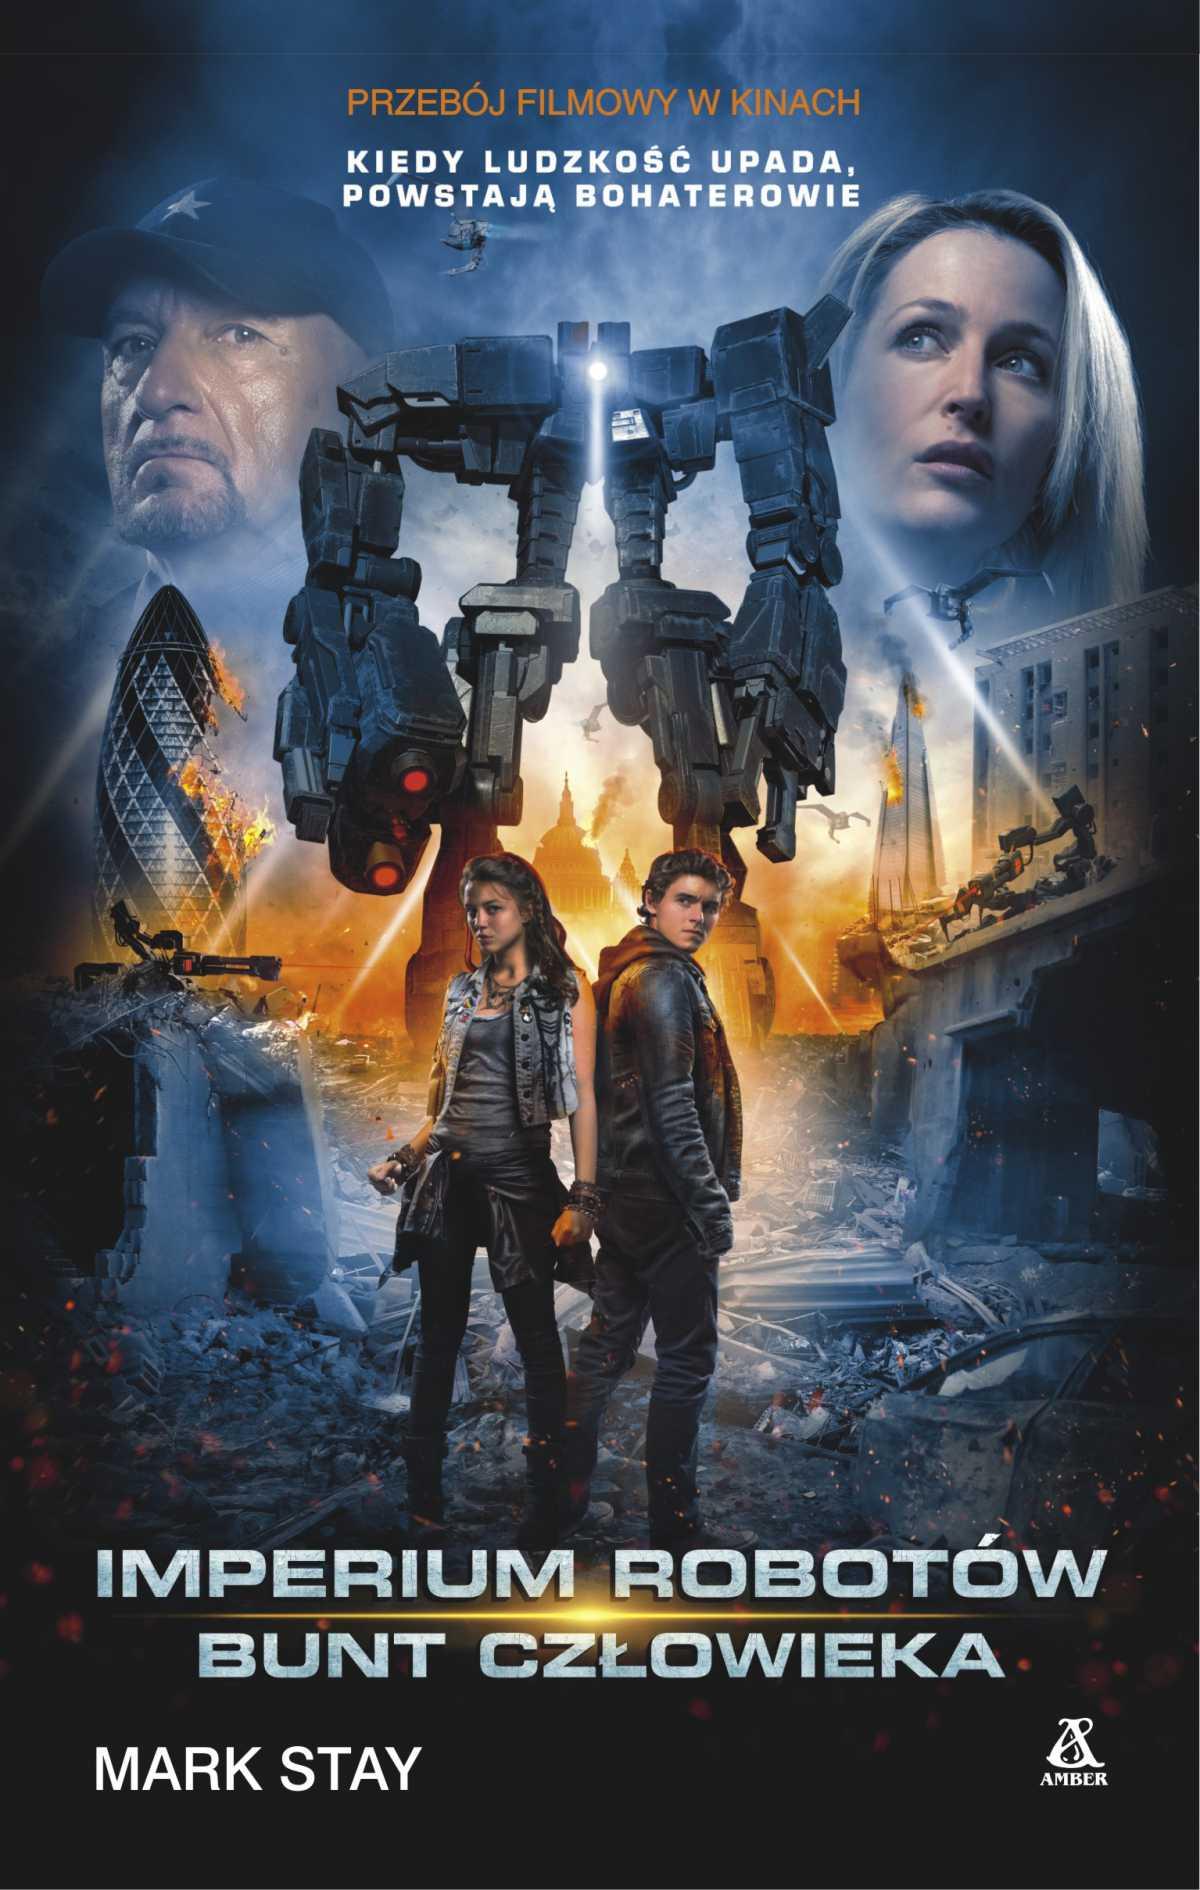 Imperium robotów: Bunt człowieka - Ebook (Książka EPUB) do pobrania w formacie EPUB